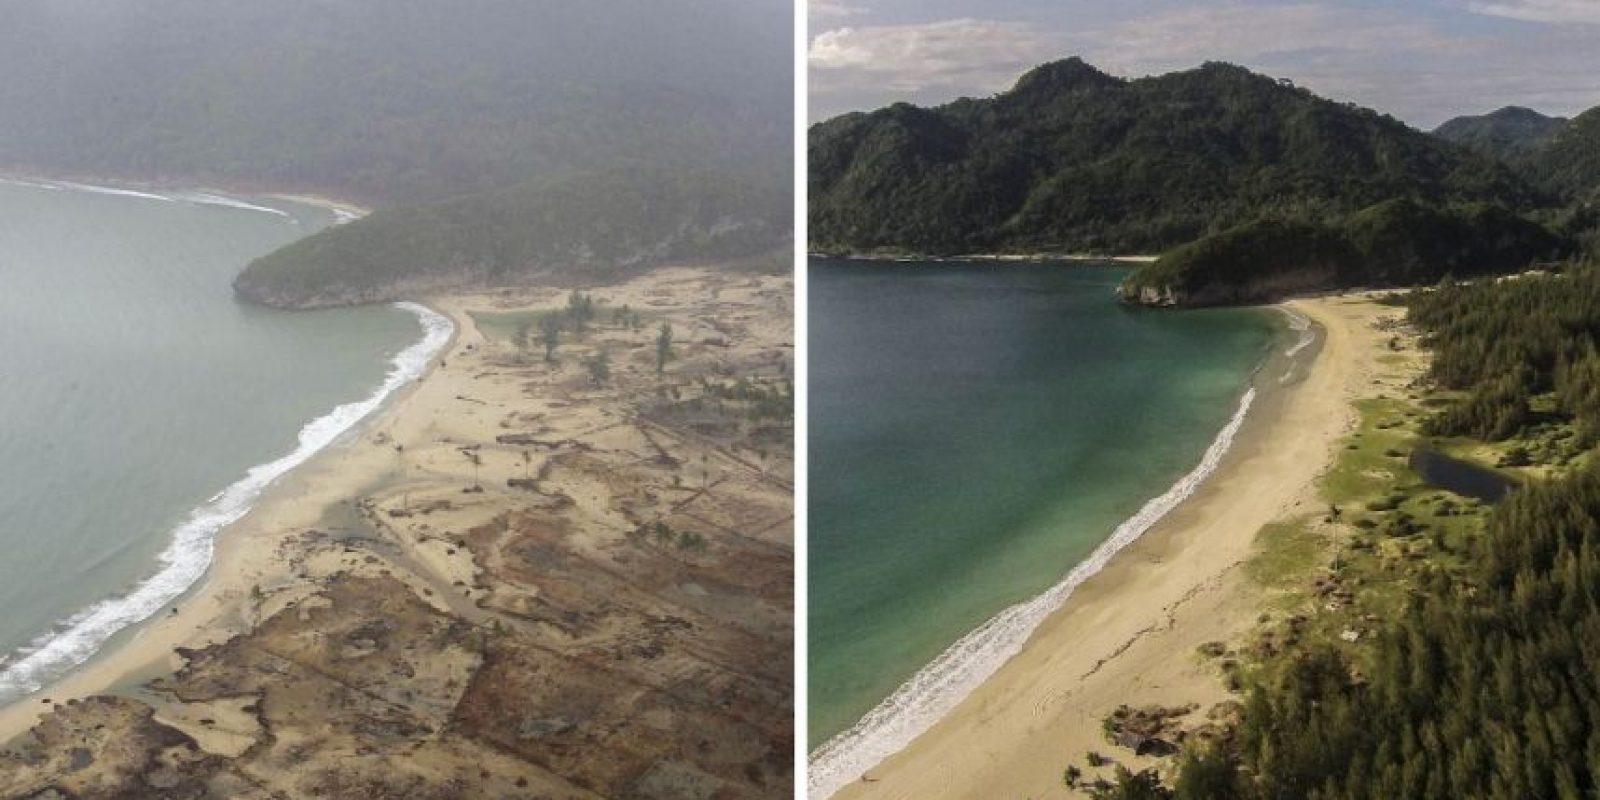 El 26 de diciembre de 2004 ocurrió un gran terremoto y tsunami en el Océano Índico Foto:Getty Images